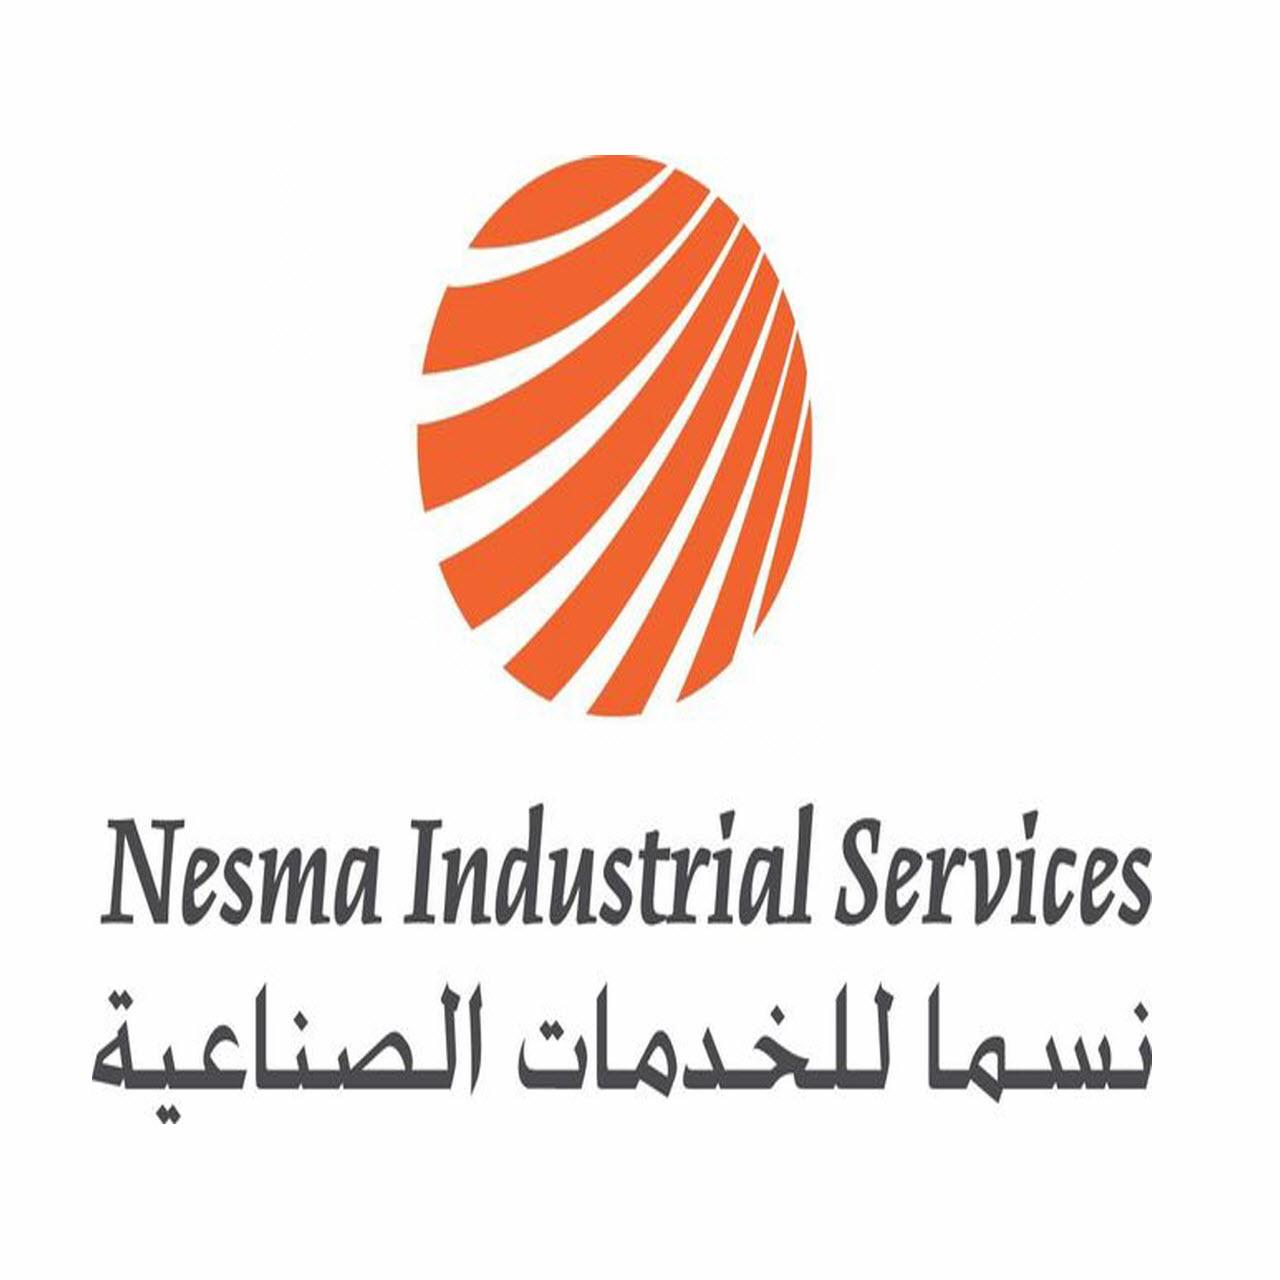 وظائف شاغرة لدى شركة نسما للخدمات الصناعية